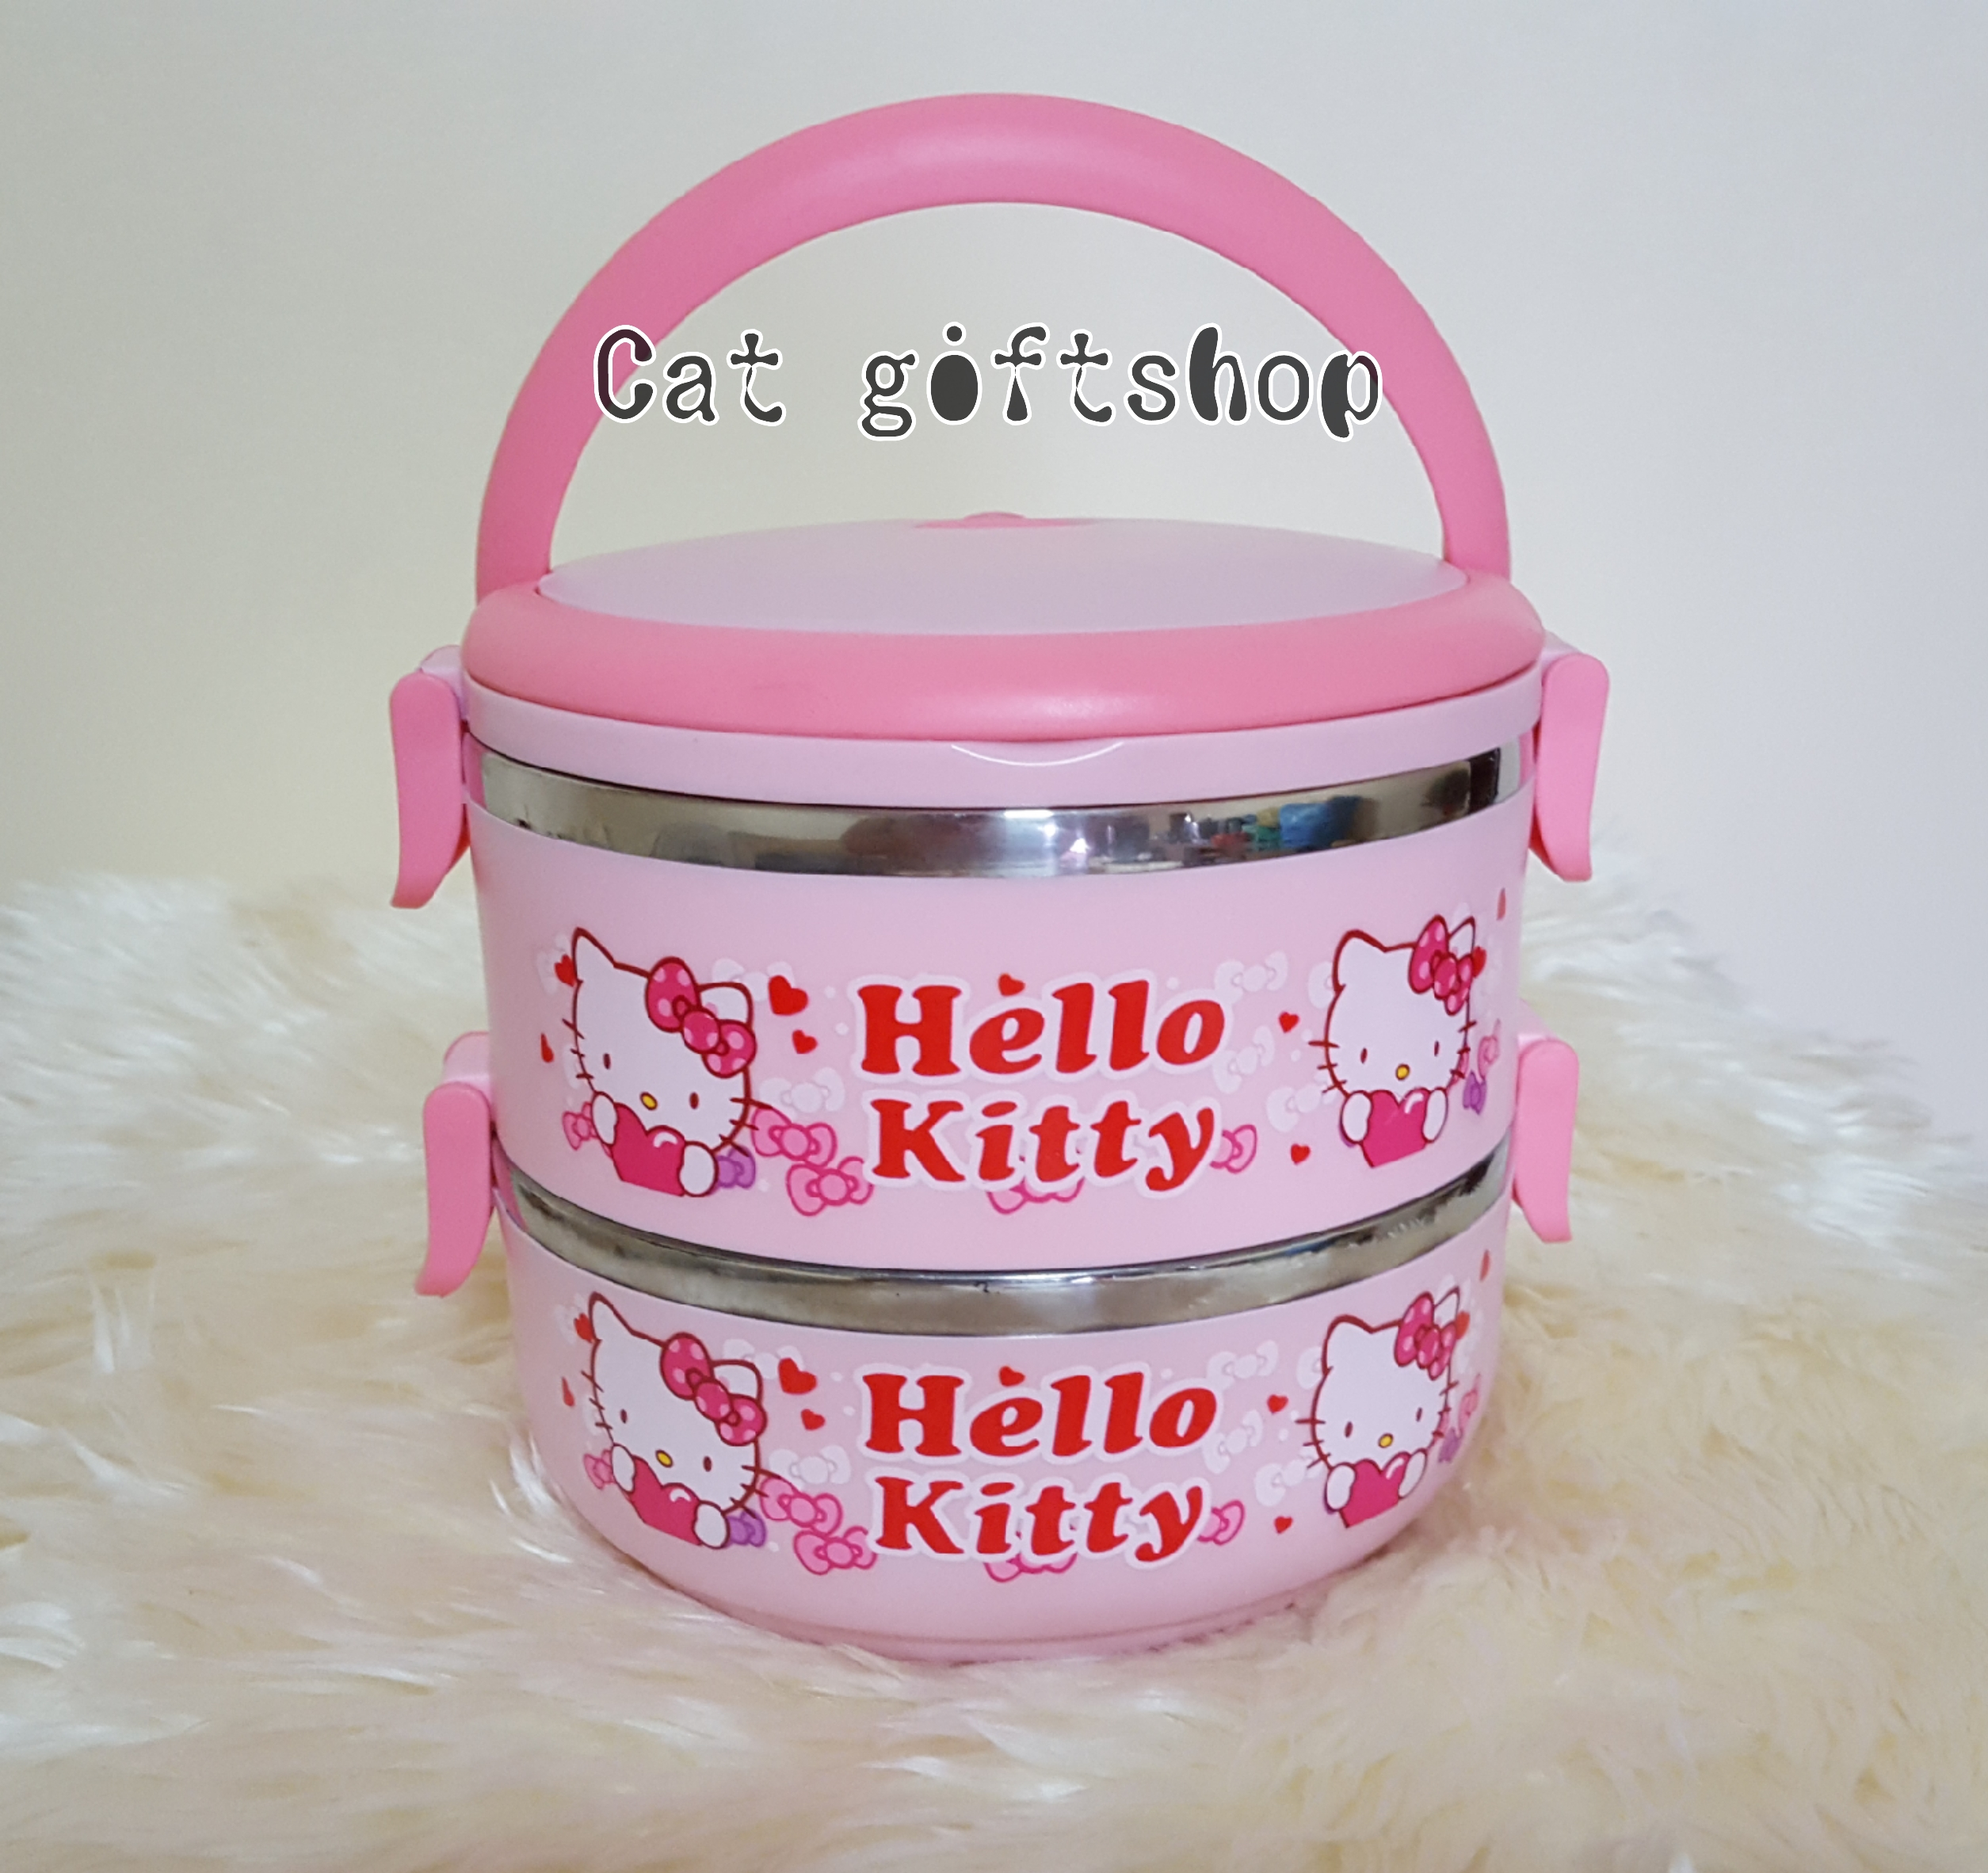 พร้อมส่ง :: ปิ่นโต 2 ชั้น ลาย kitty